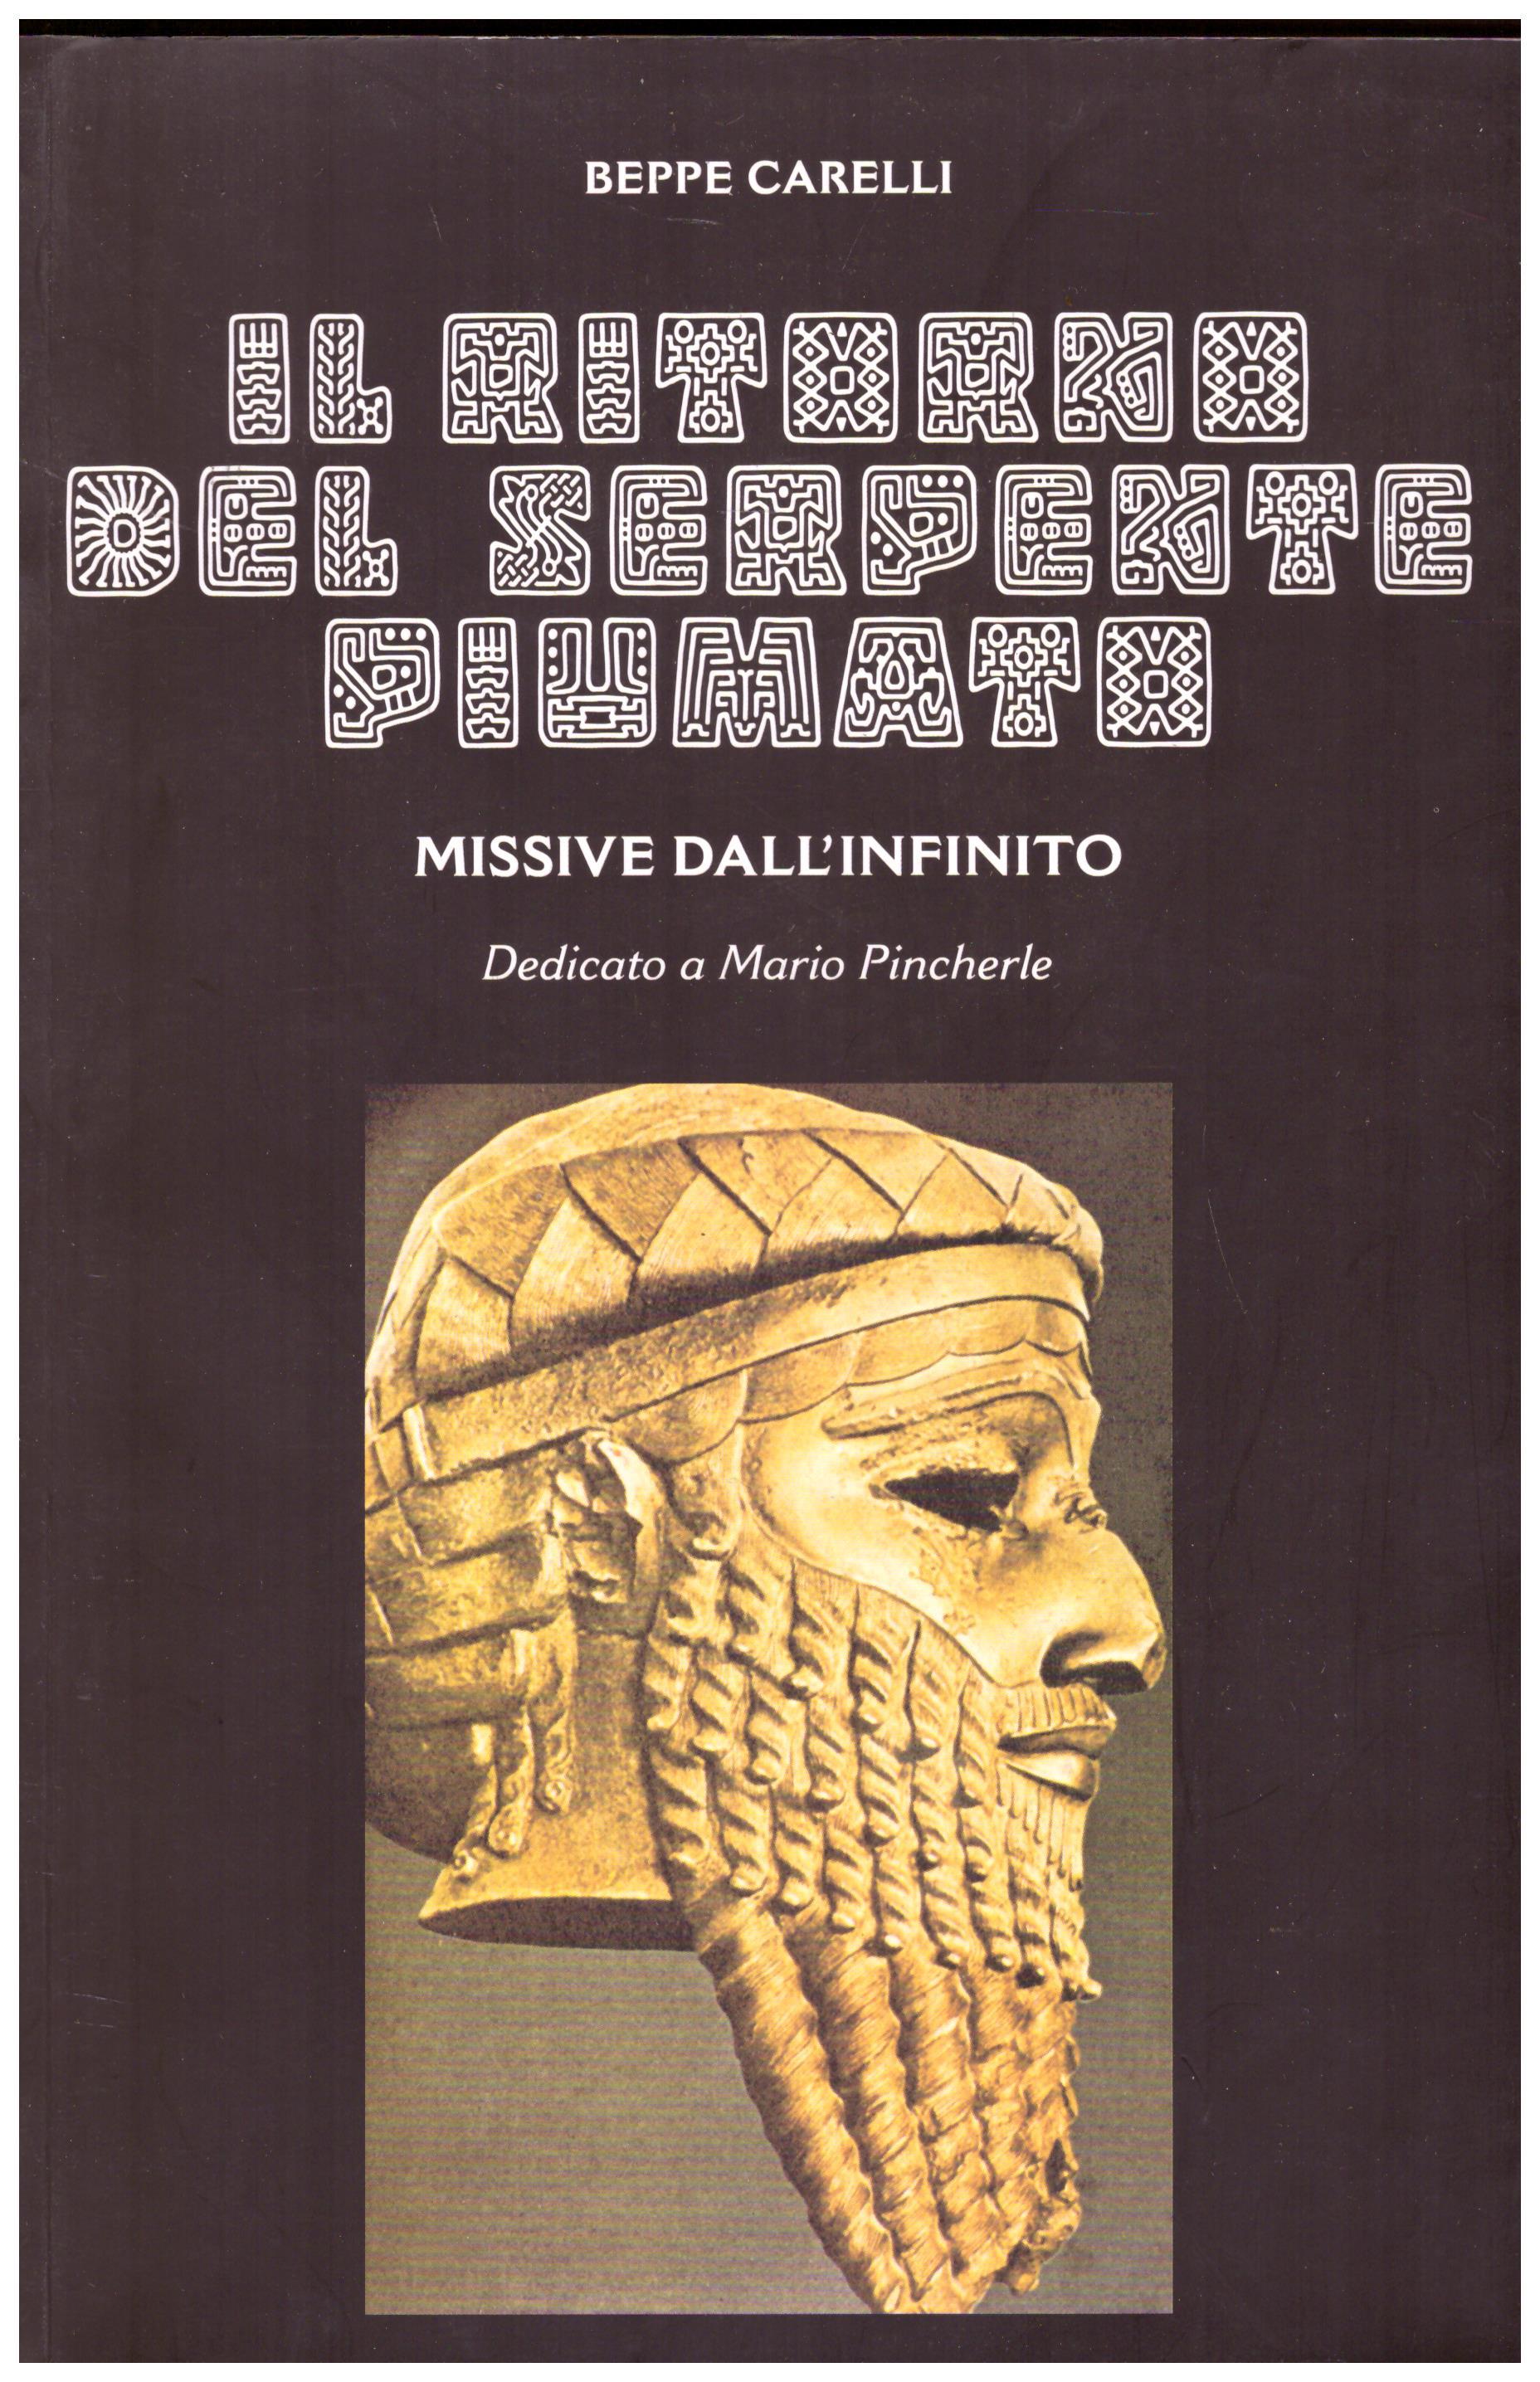 Titolo: Il ritorno del serpente piumato  Autore: Beppe Carelli Editore: arte della stampa 2011